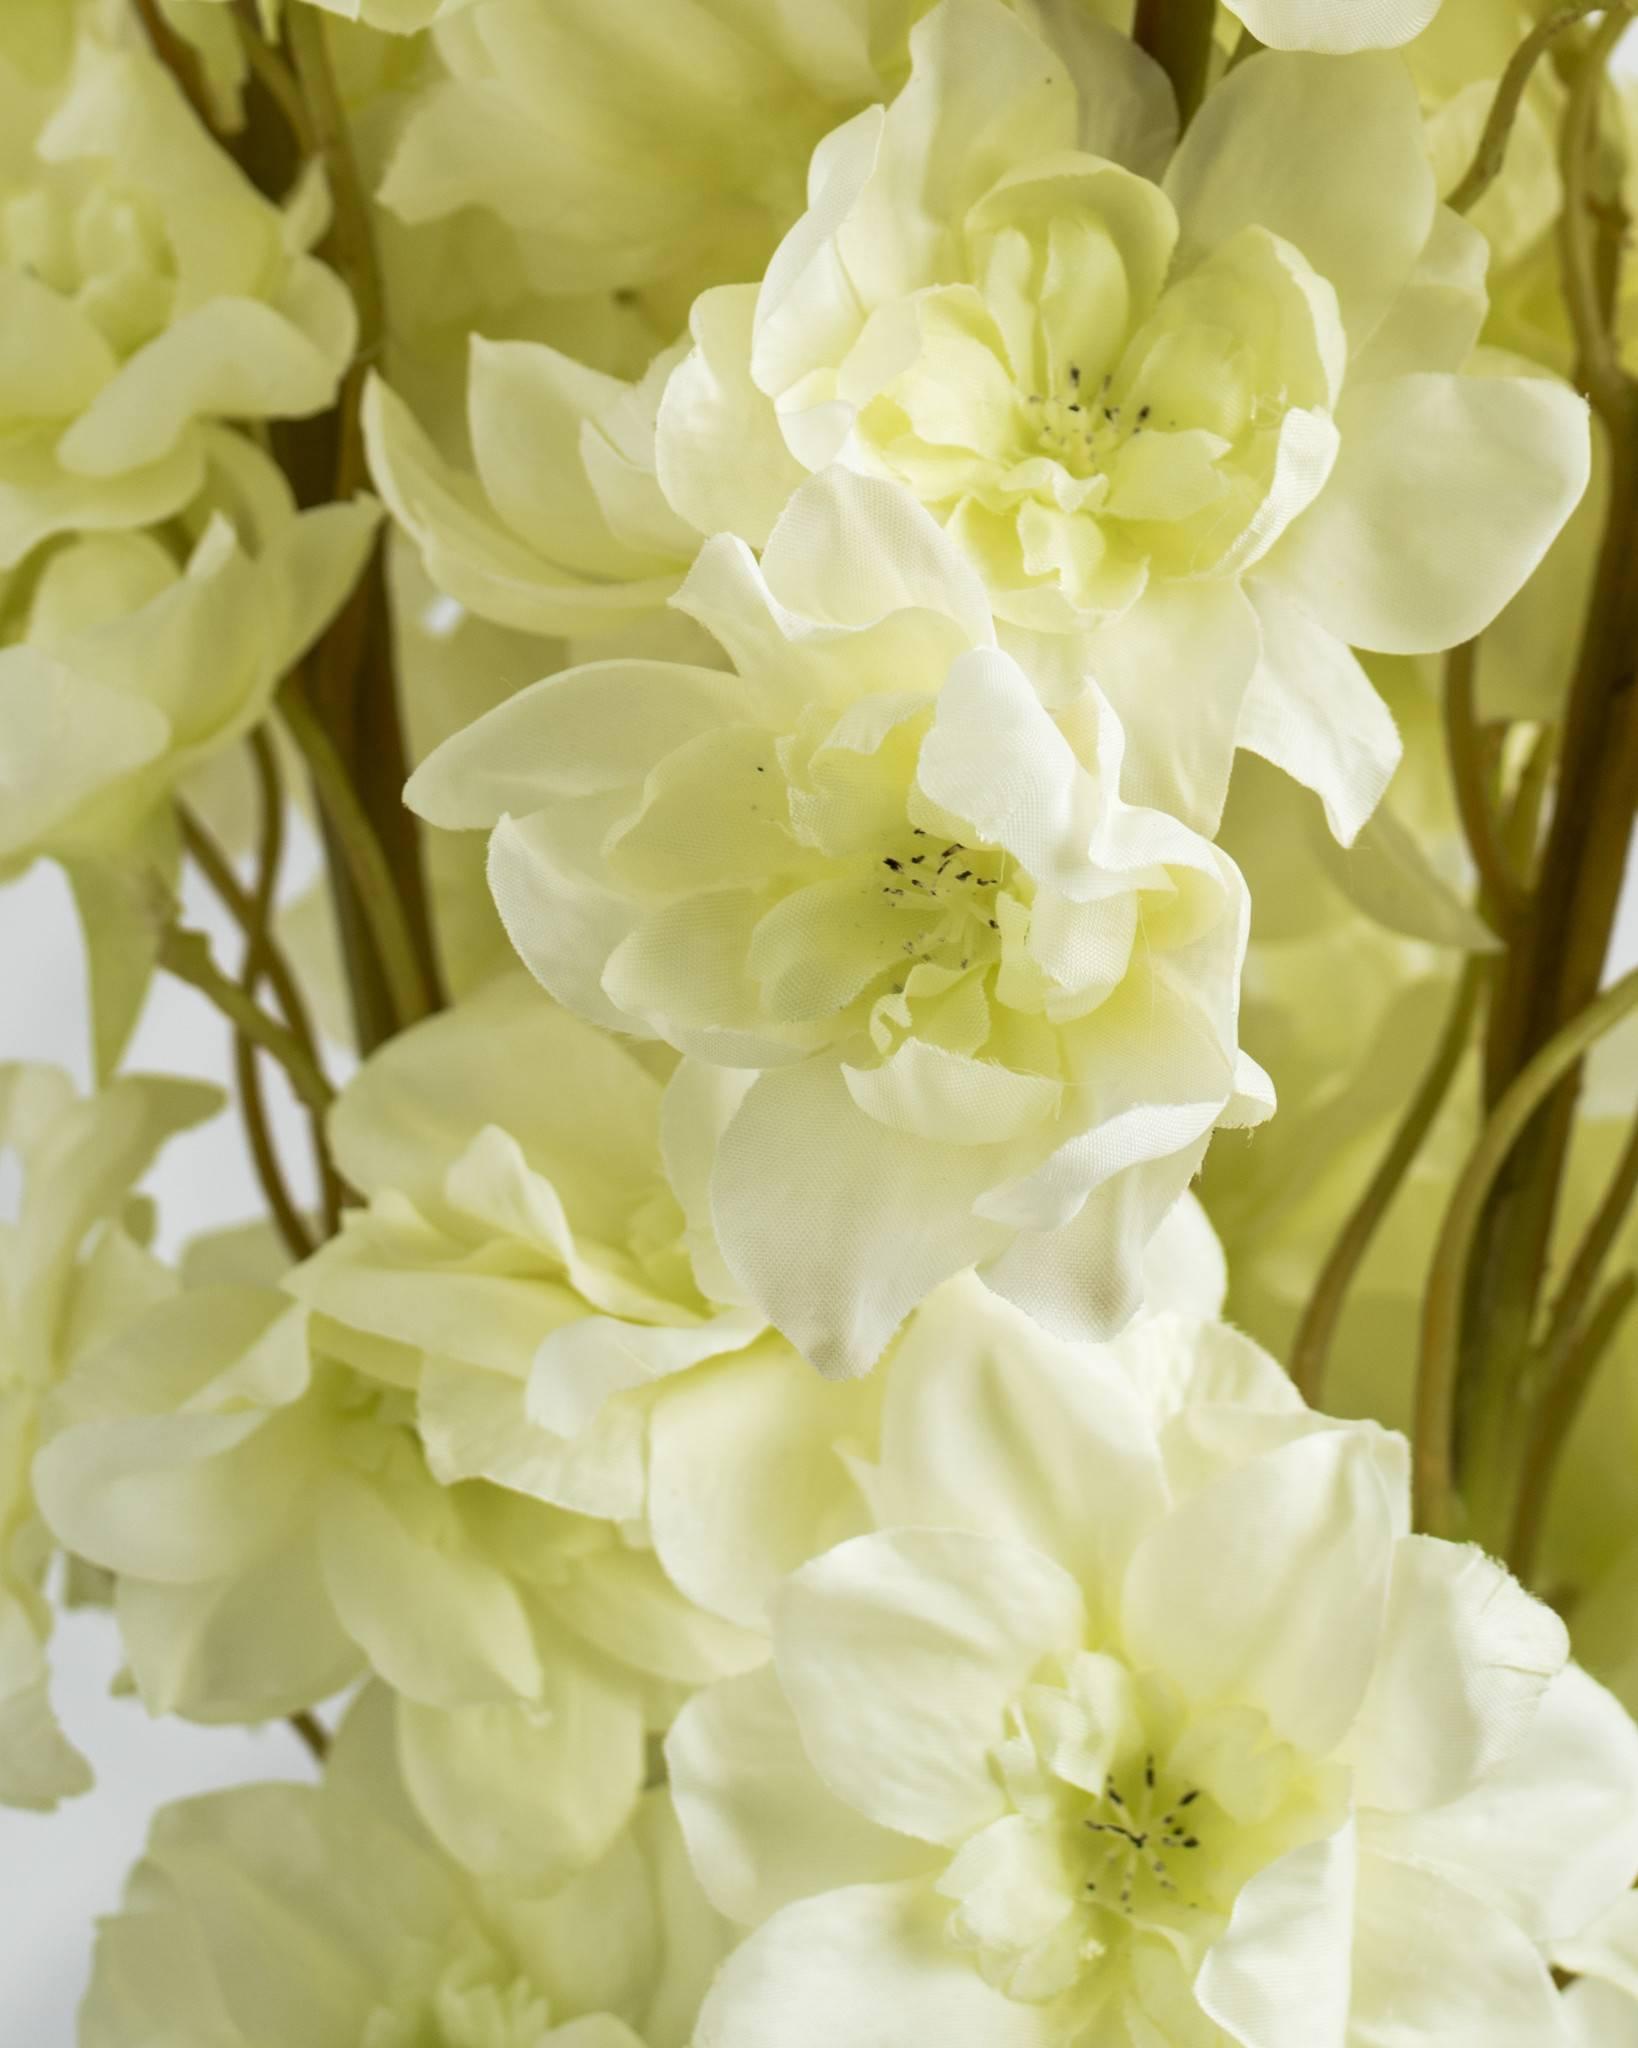 Delphinium flower stems balsam hill white delphinium stems bundle of 4 delphinium flower mightylinksfo